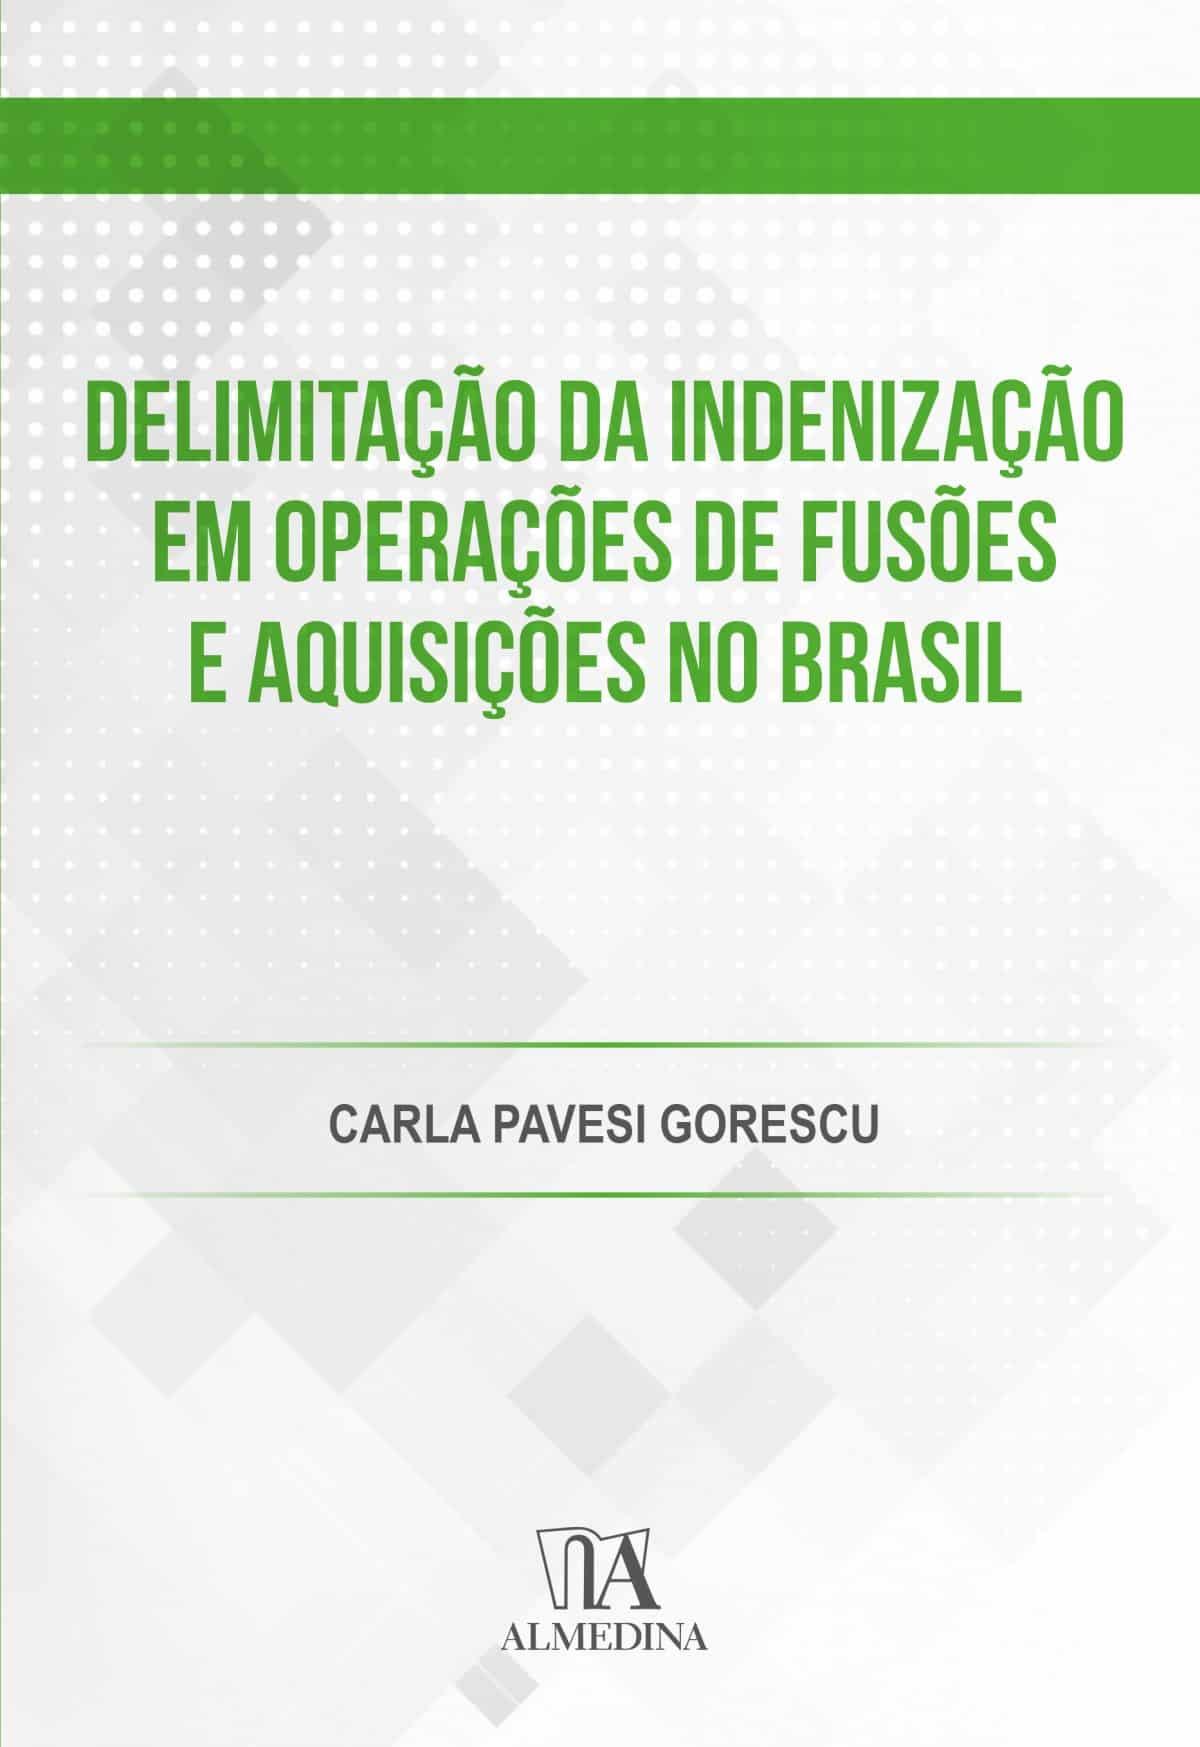 Foto 1 - Delimitação da Indenização em Operações de Fusões e Aquisições no Brasil